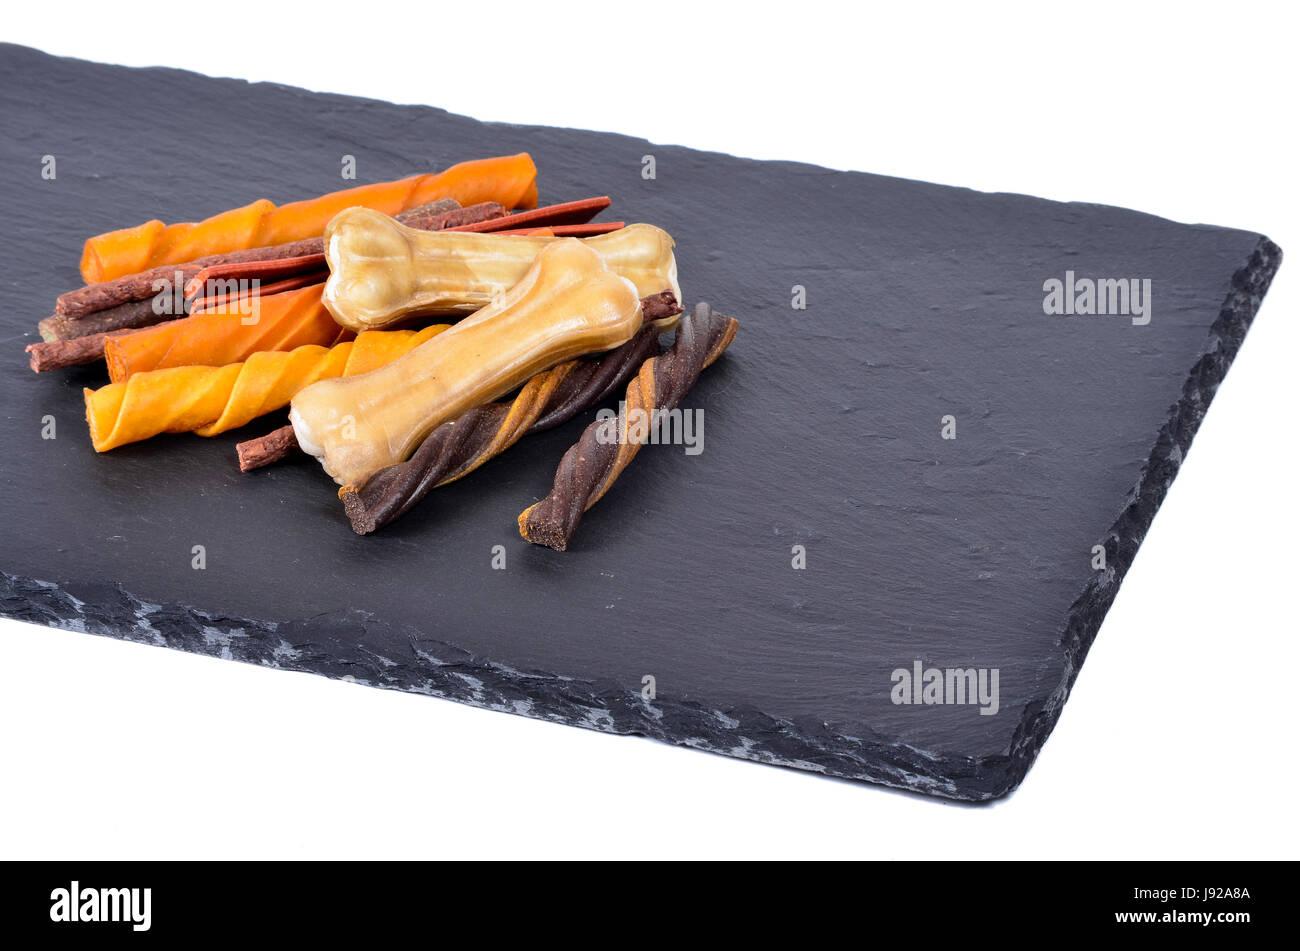 fodder, dog, black man, backdrop, background, herbs, food, aliment, health, - Stock Image